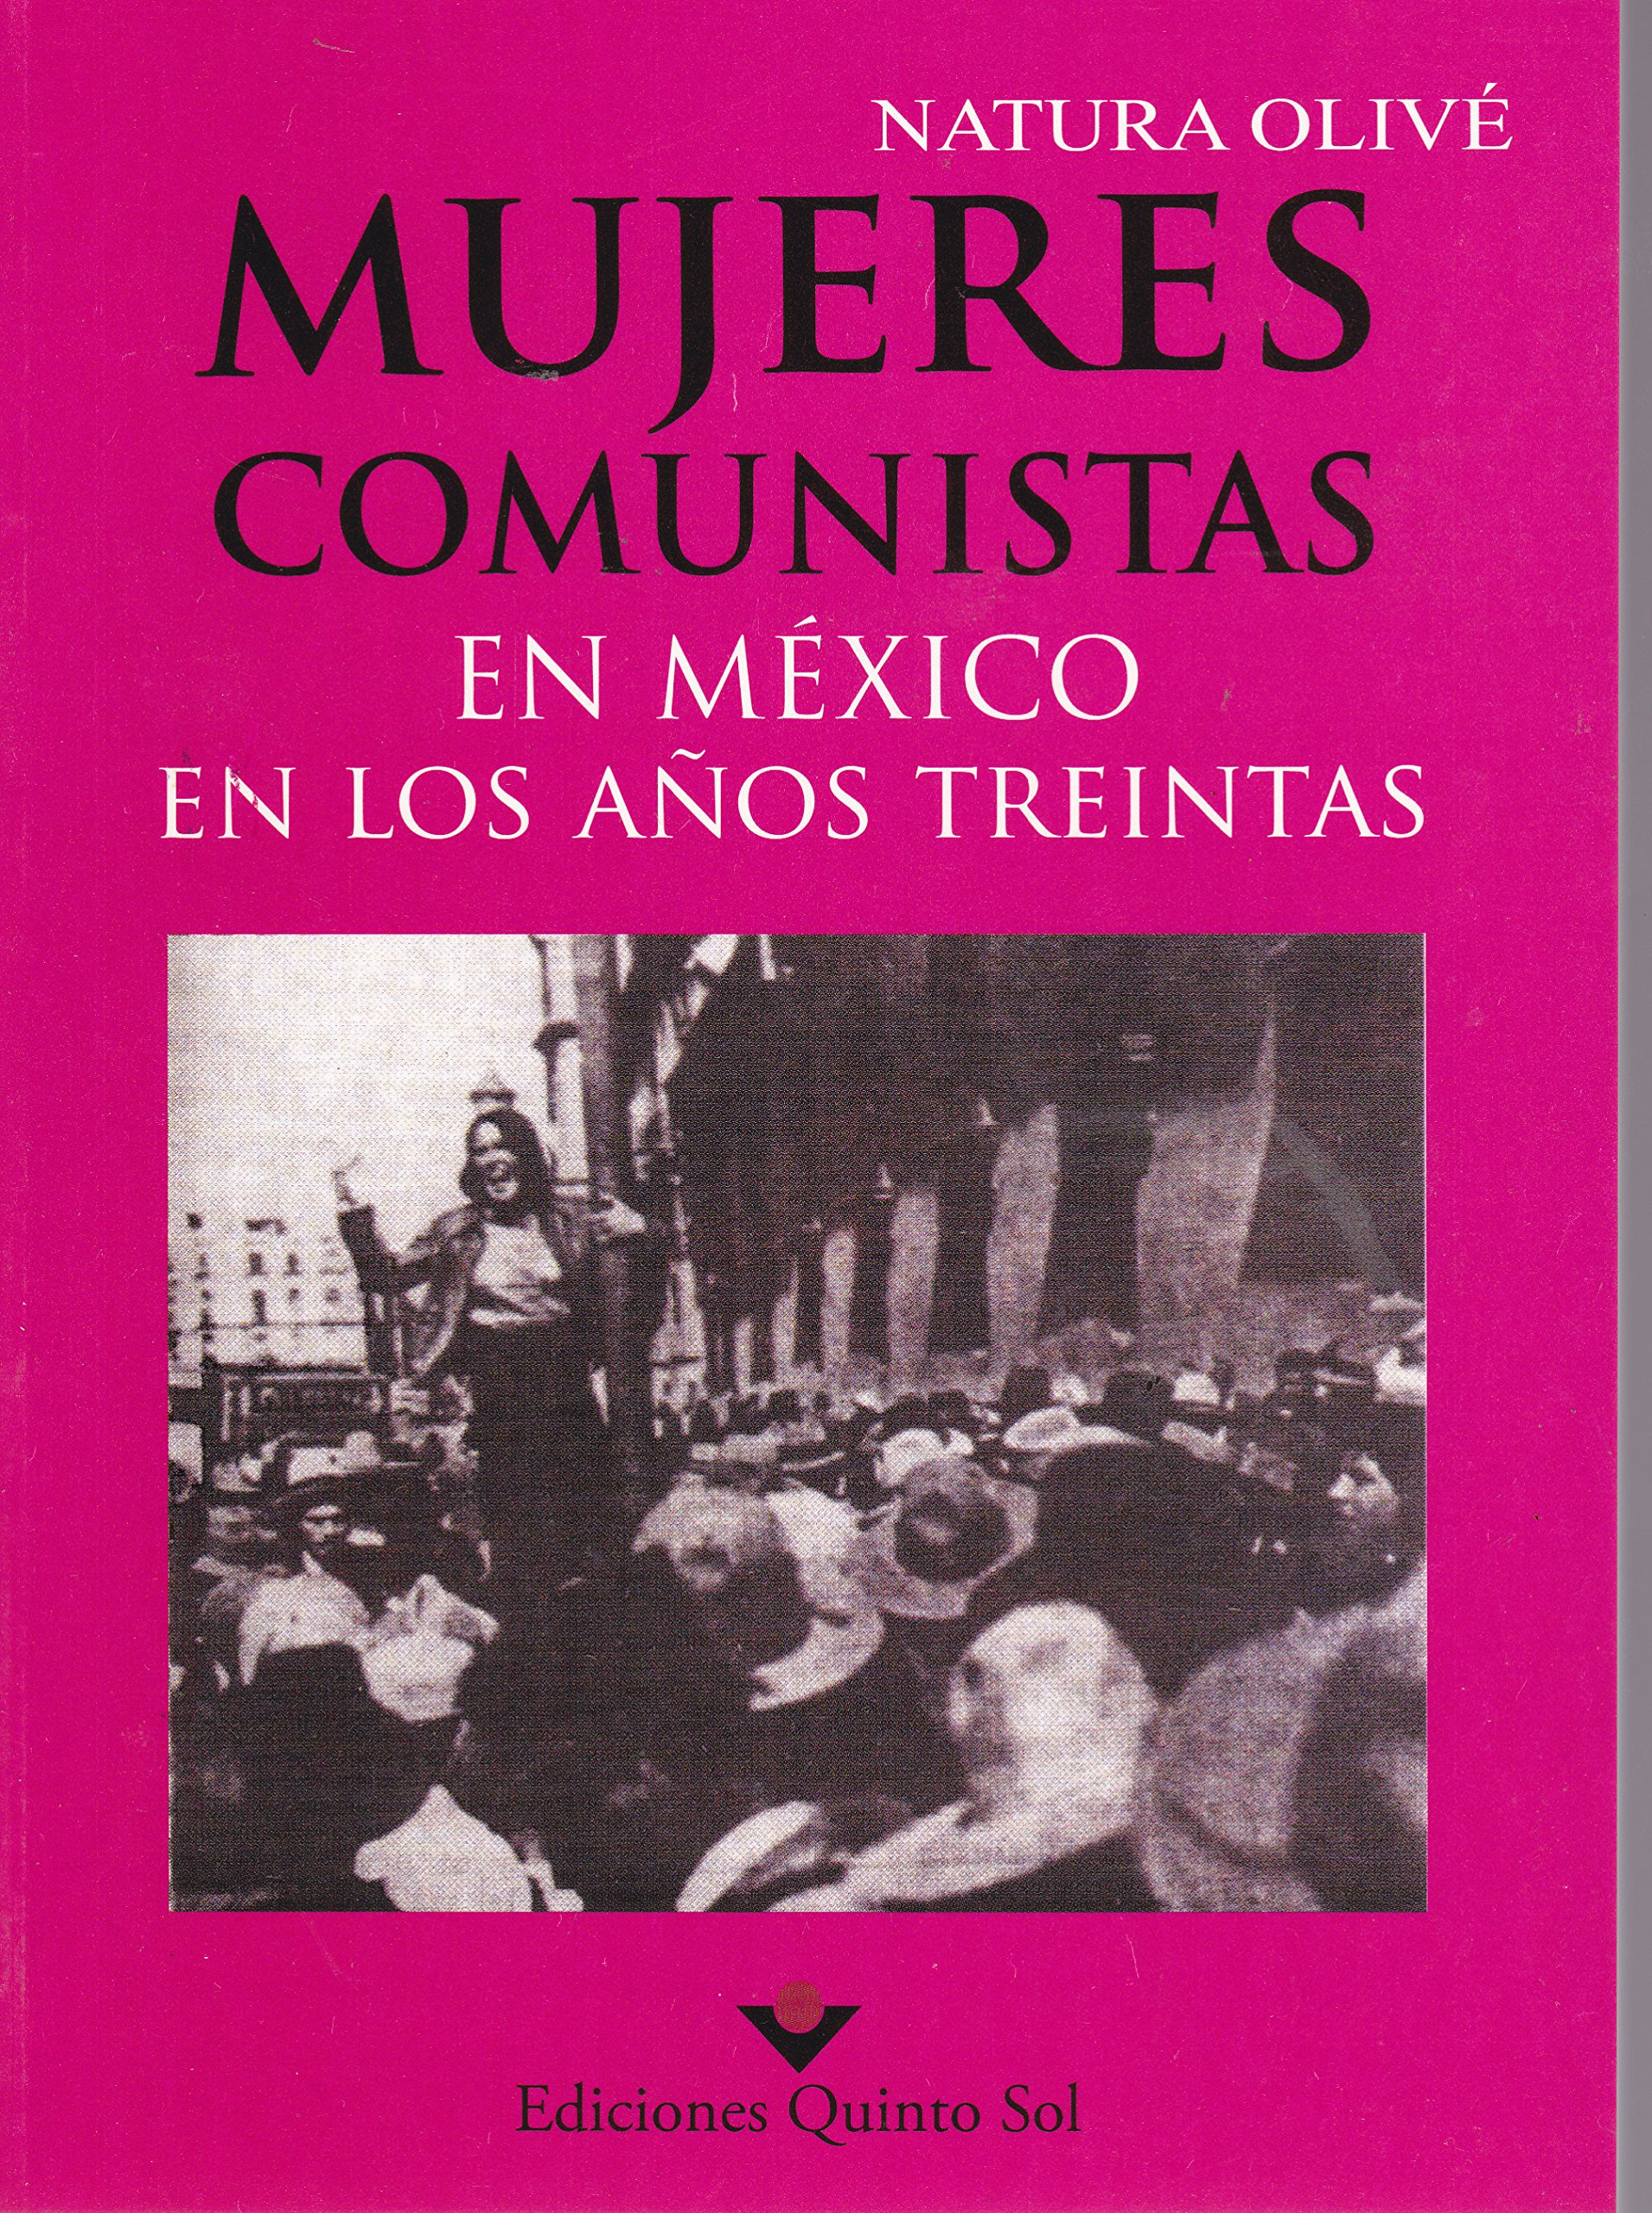 Mujeres comunistas. En Mexico en los anos treinta. (Spanish Edition) ebook